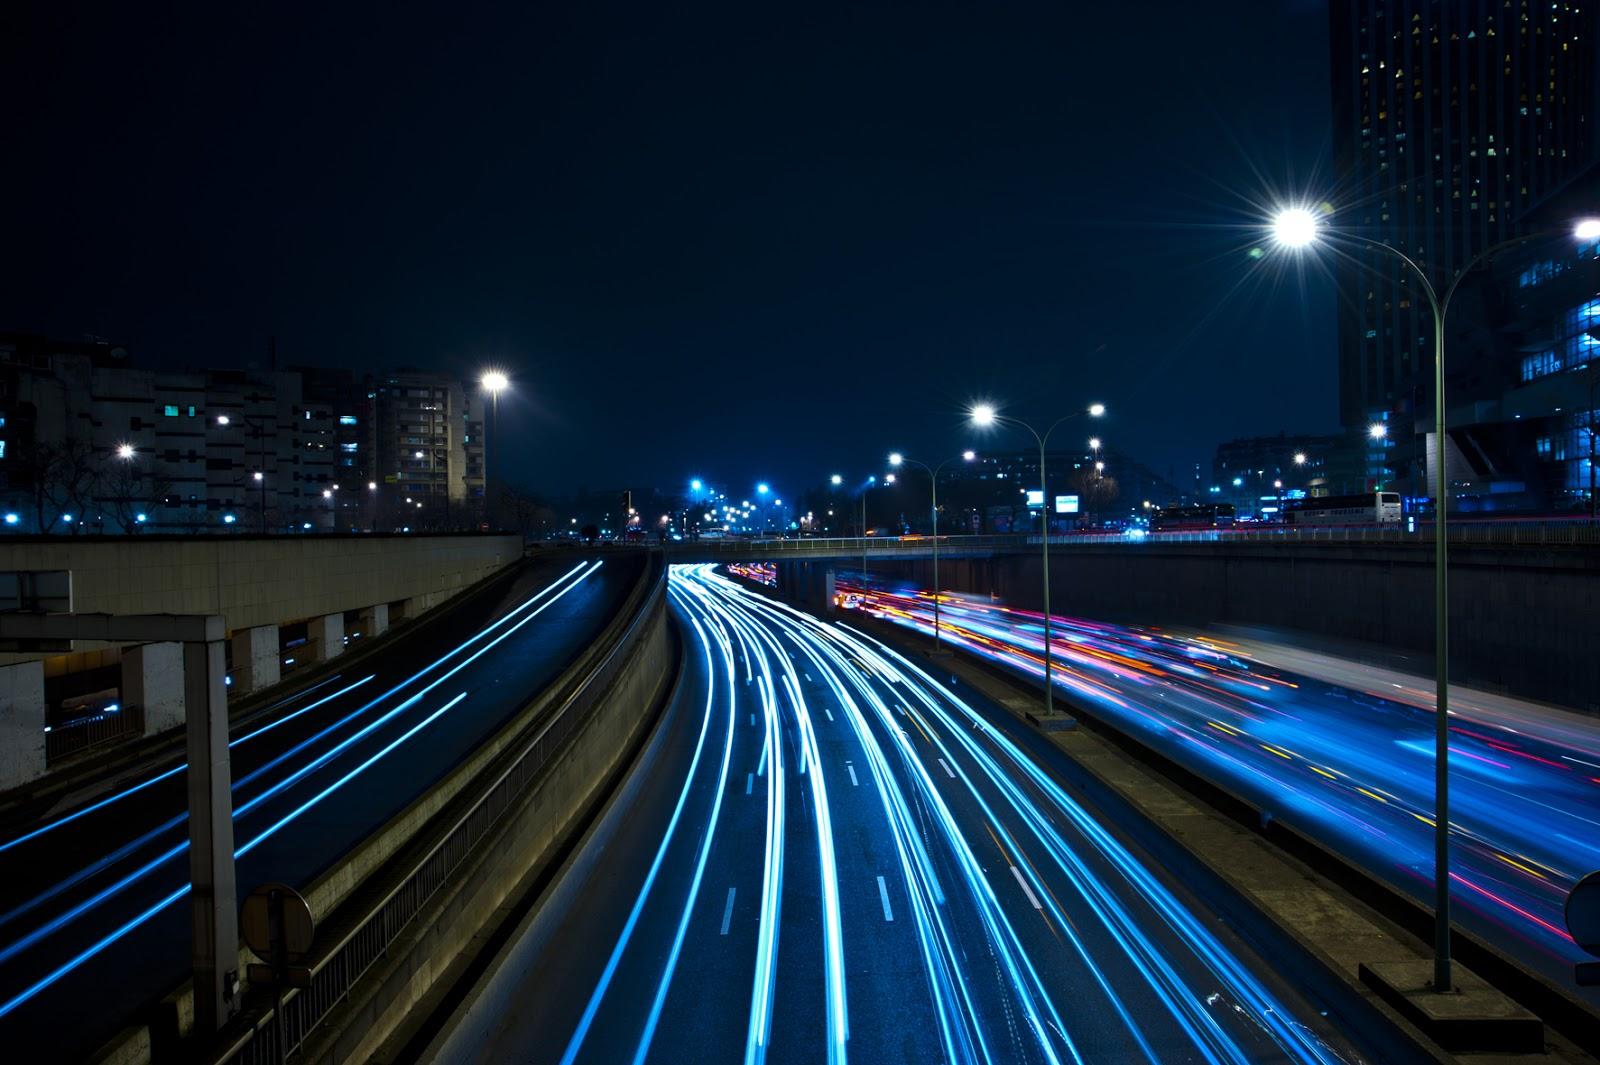 Car Lights Night Wallpaper Tesoro 6 Light Painting Pintando Con Luz El Cofre De